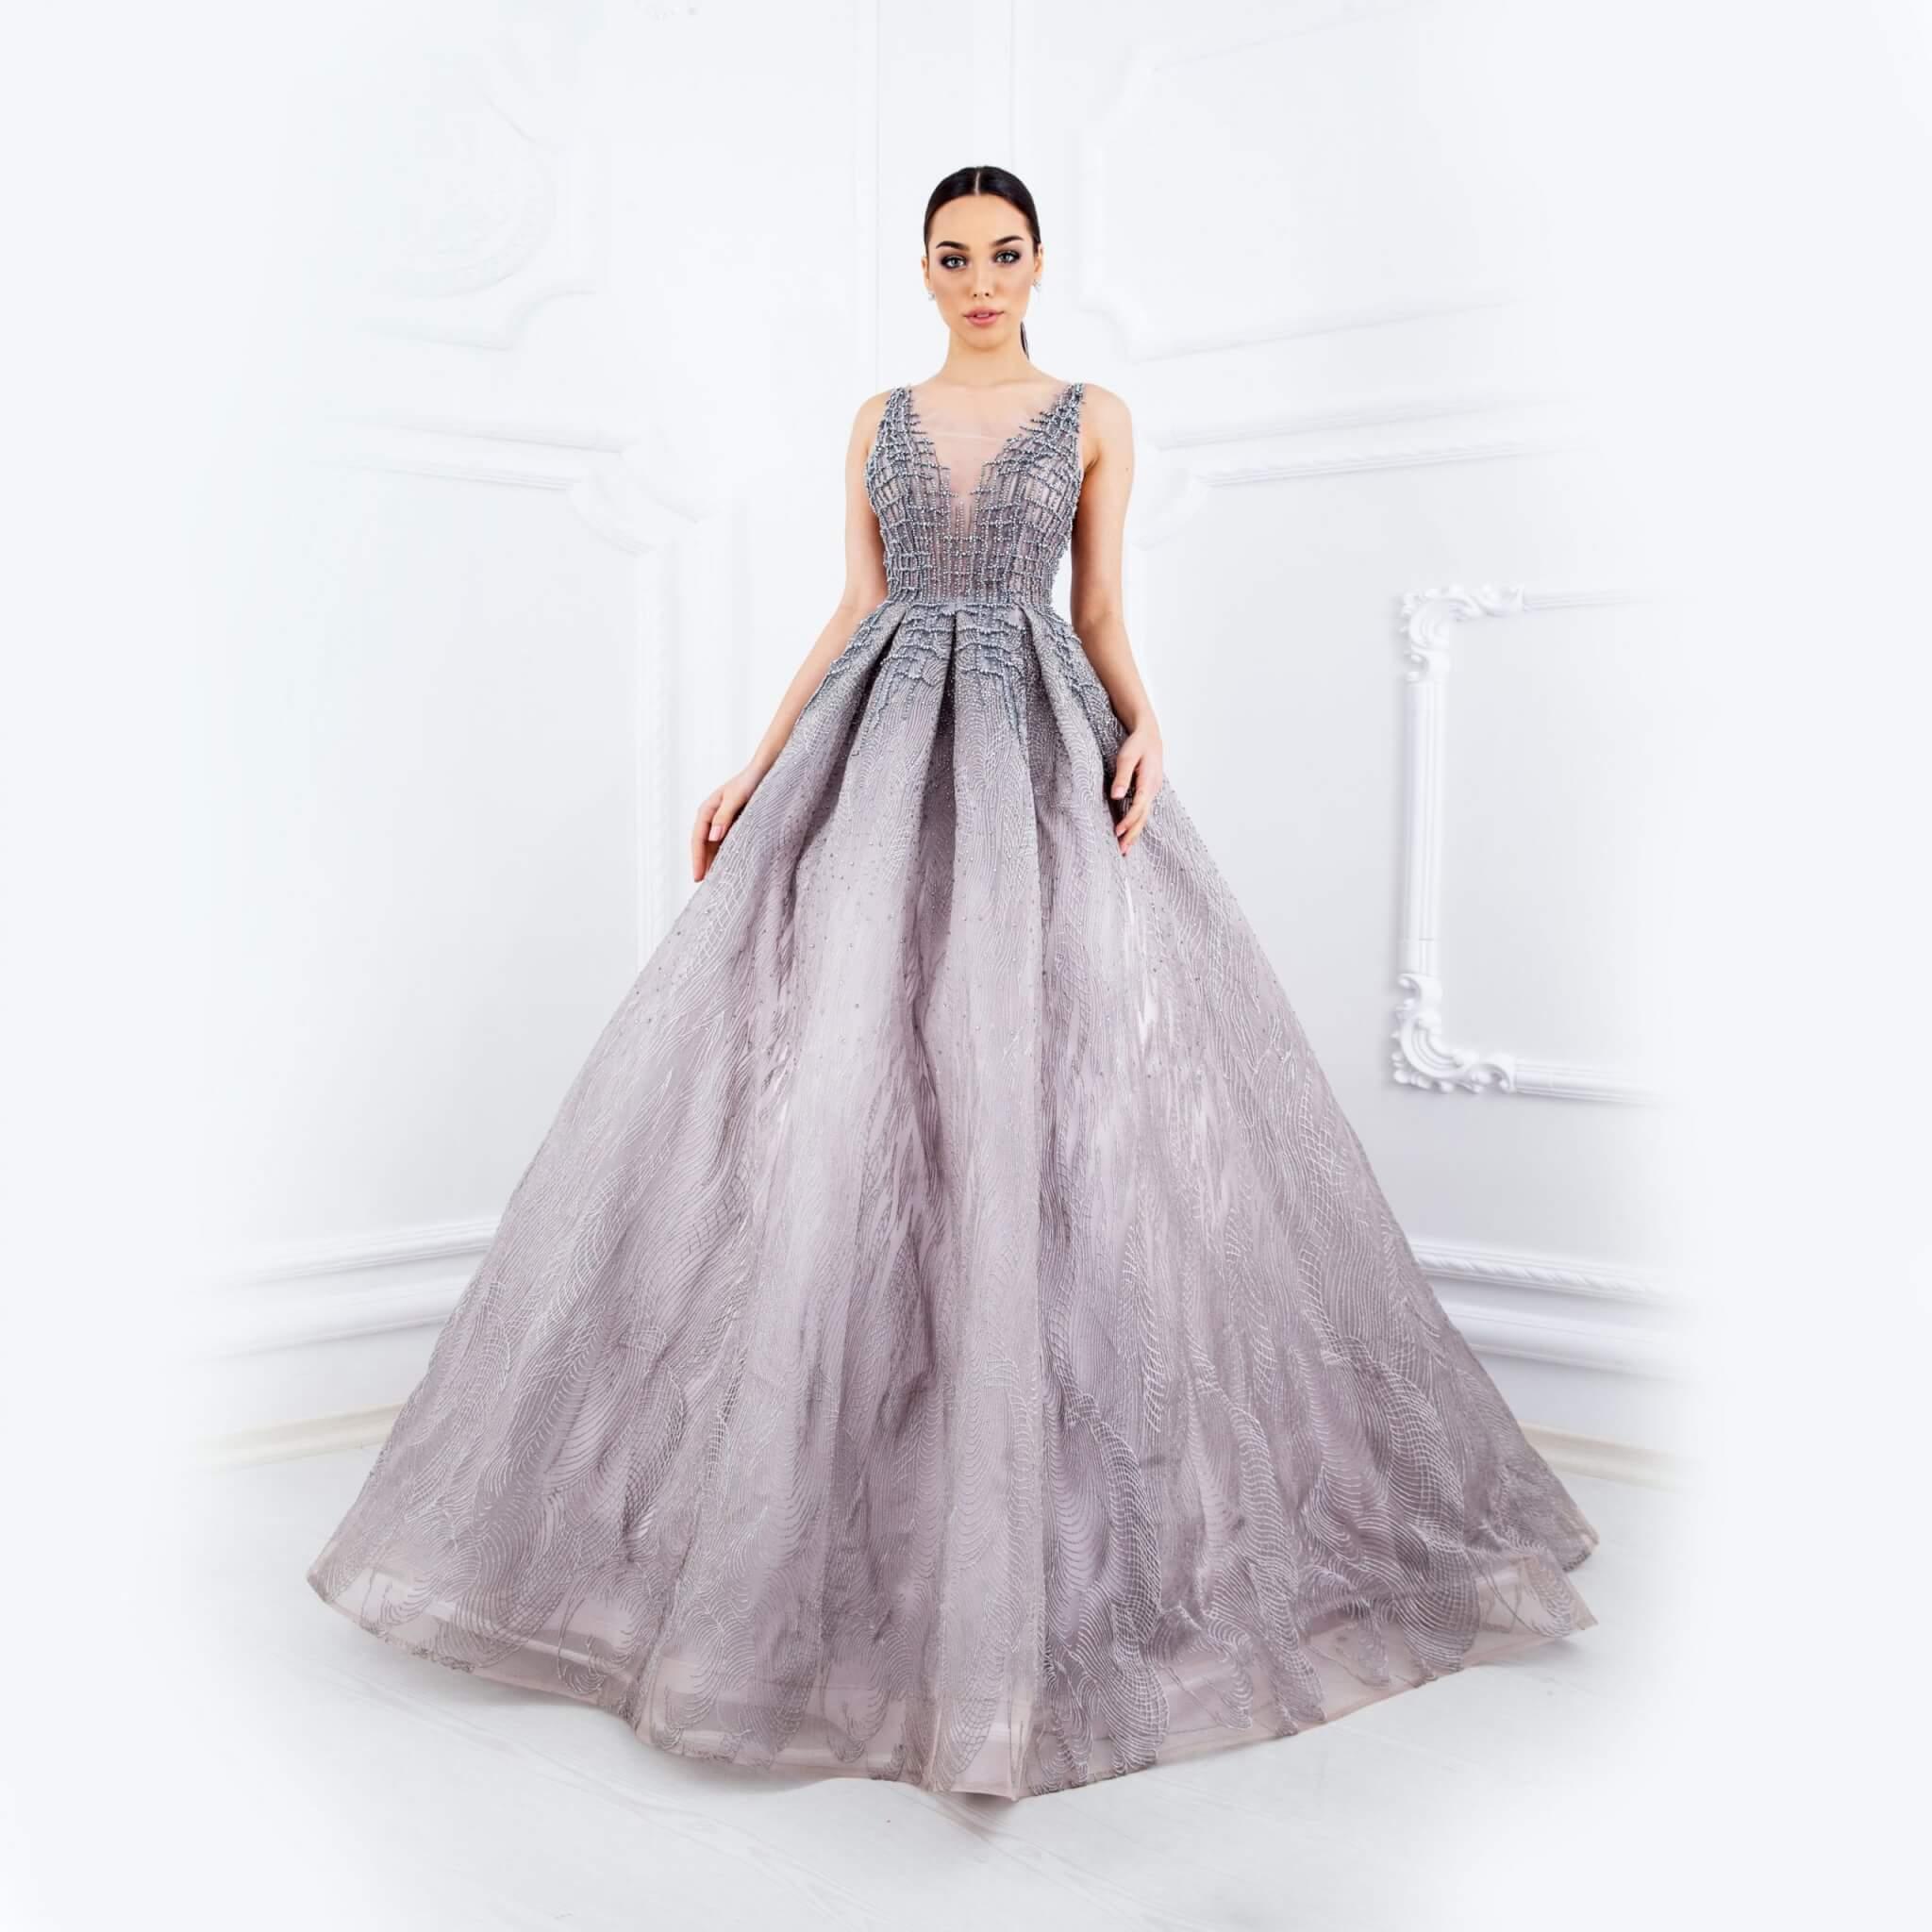 Сива рокля с бродерия и камъни - 1,600 лв.